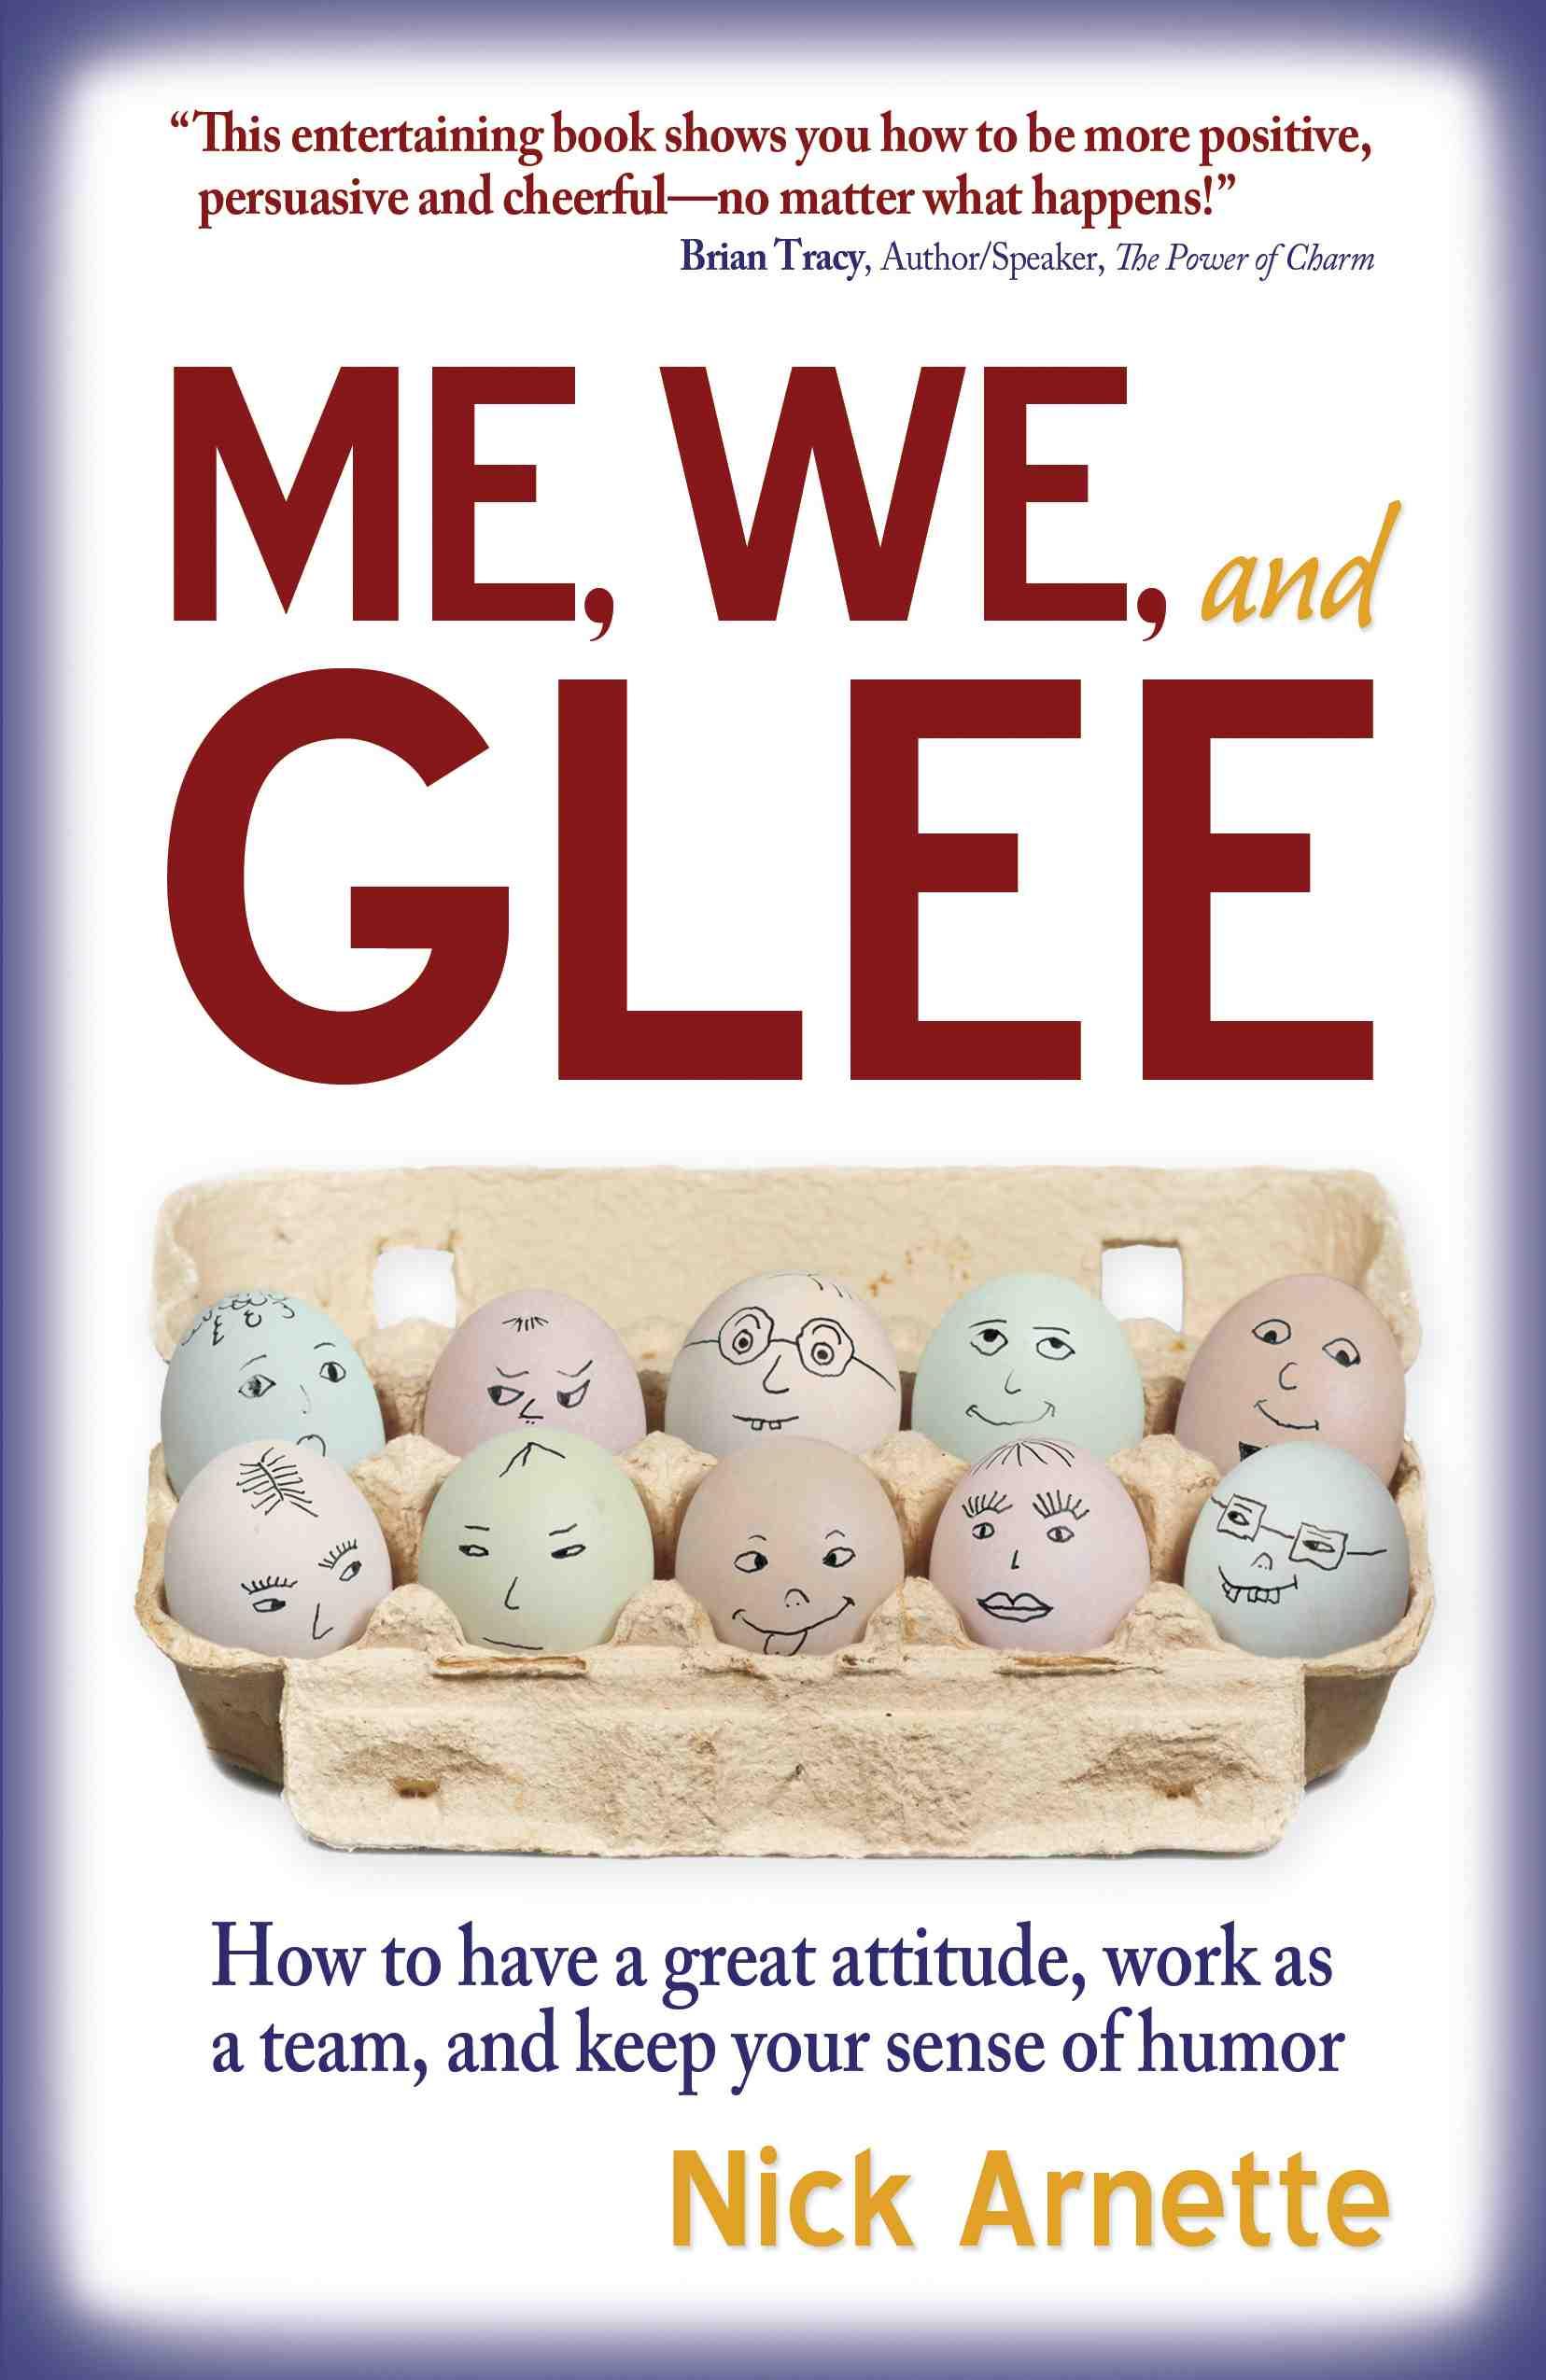 Me, We, and Glee